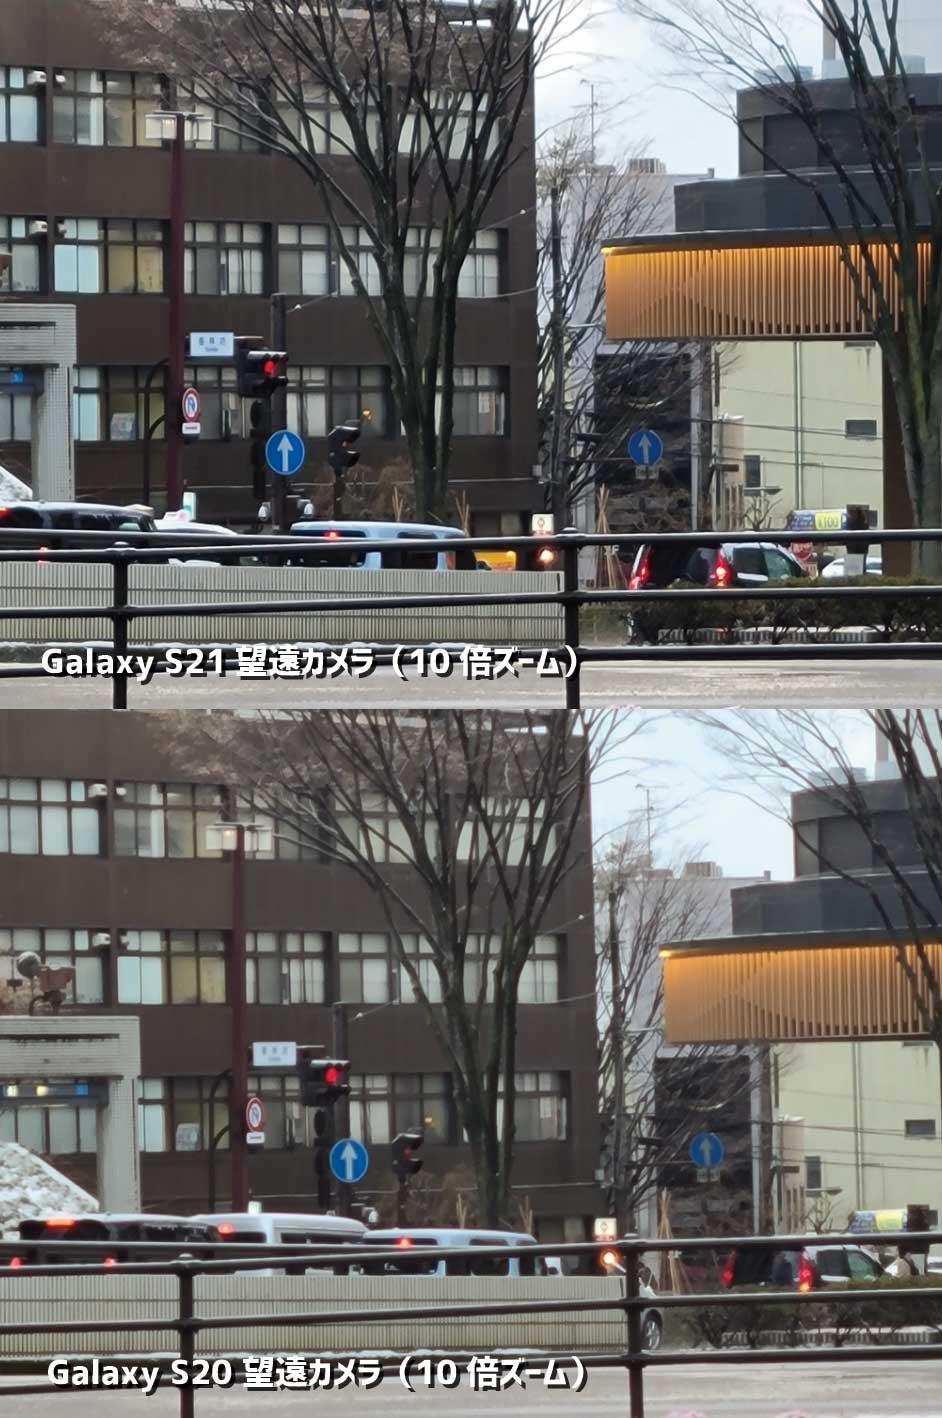 Galaxy S21・S20 望遠カメラ10倍比較